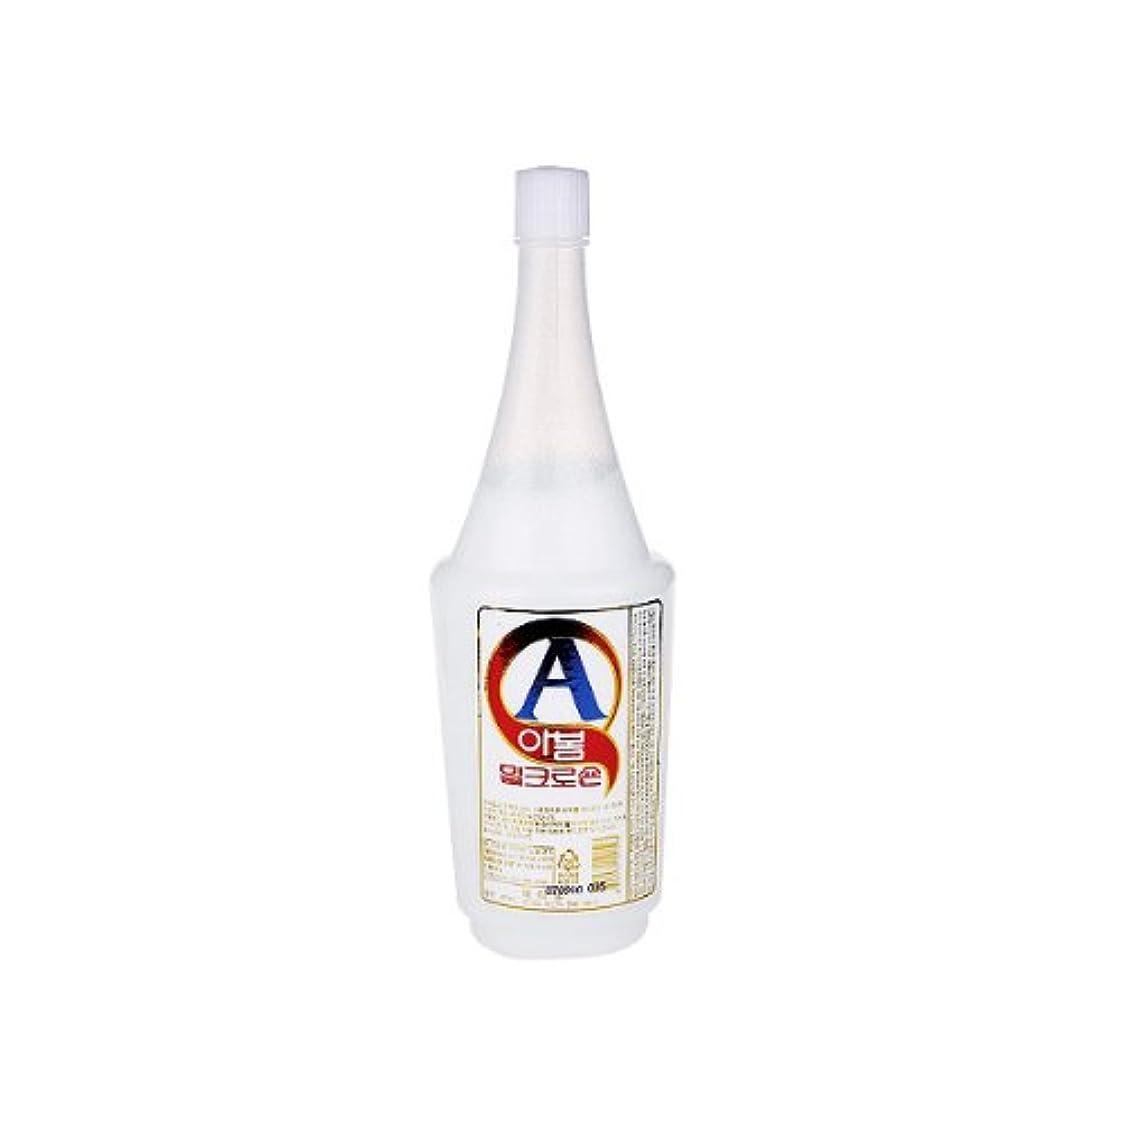 肥料ミニ静めるアボム ミルクローション 450ml マッサージ用 乳液 業務用